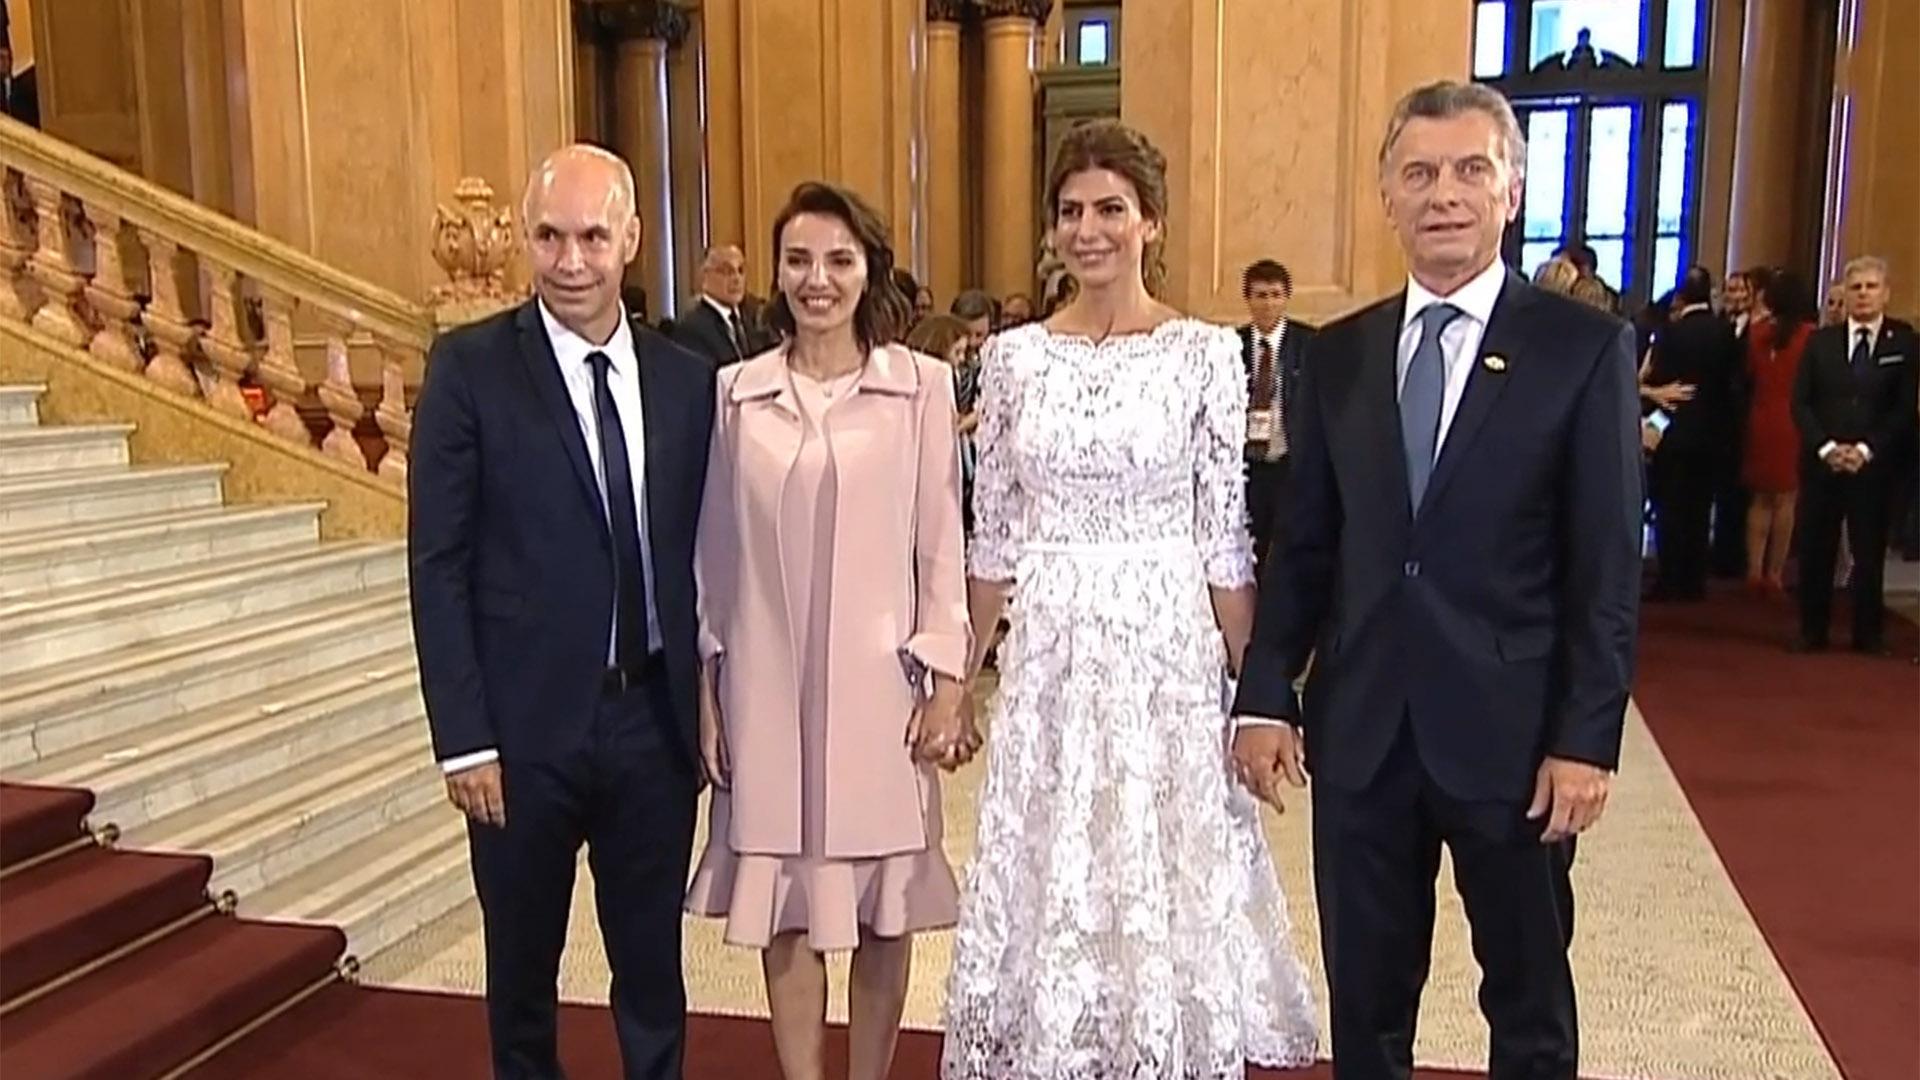 Horacio Rodríguez Larreta, Bárbara Diez, Juliana Awada y Mauricio Macri, en el foyer del Teatro Colón